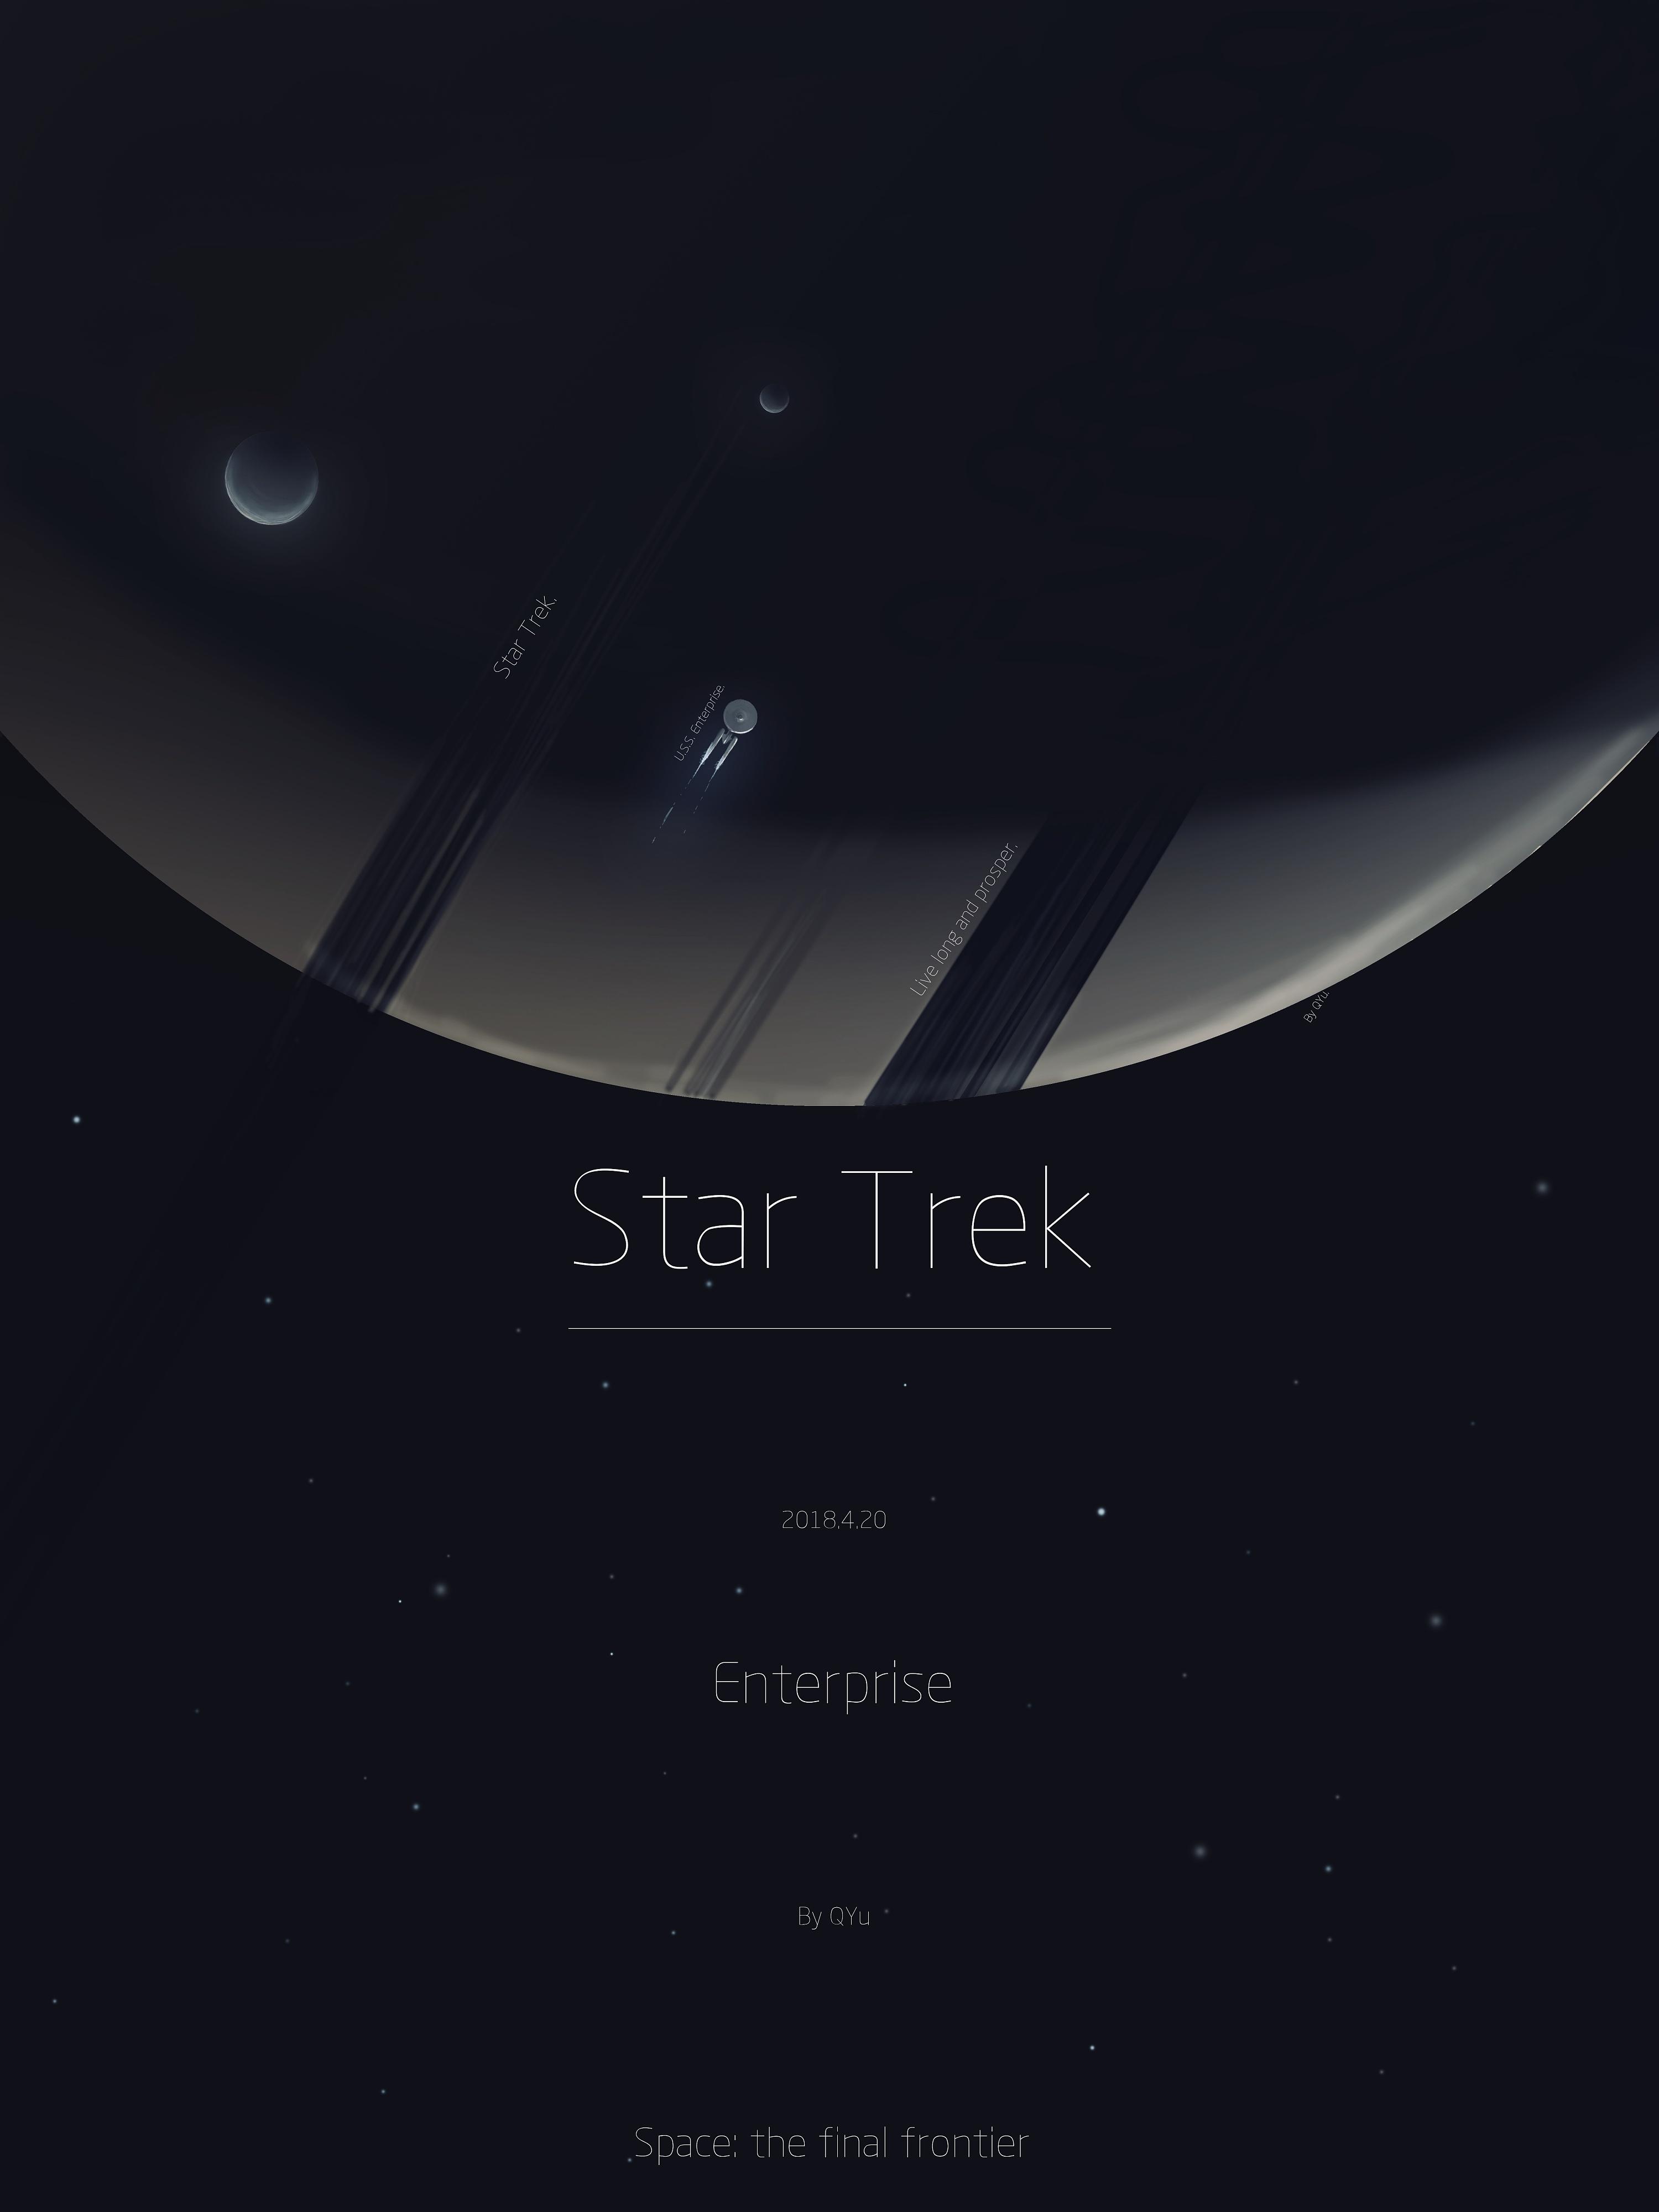 星际迷航12_关于星际迷航的海报 平面 海报 QYuu - 原创作品 - 站酷 (ZCOOL)